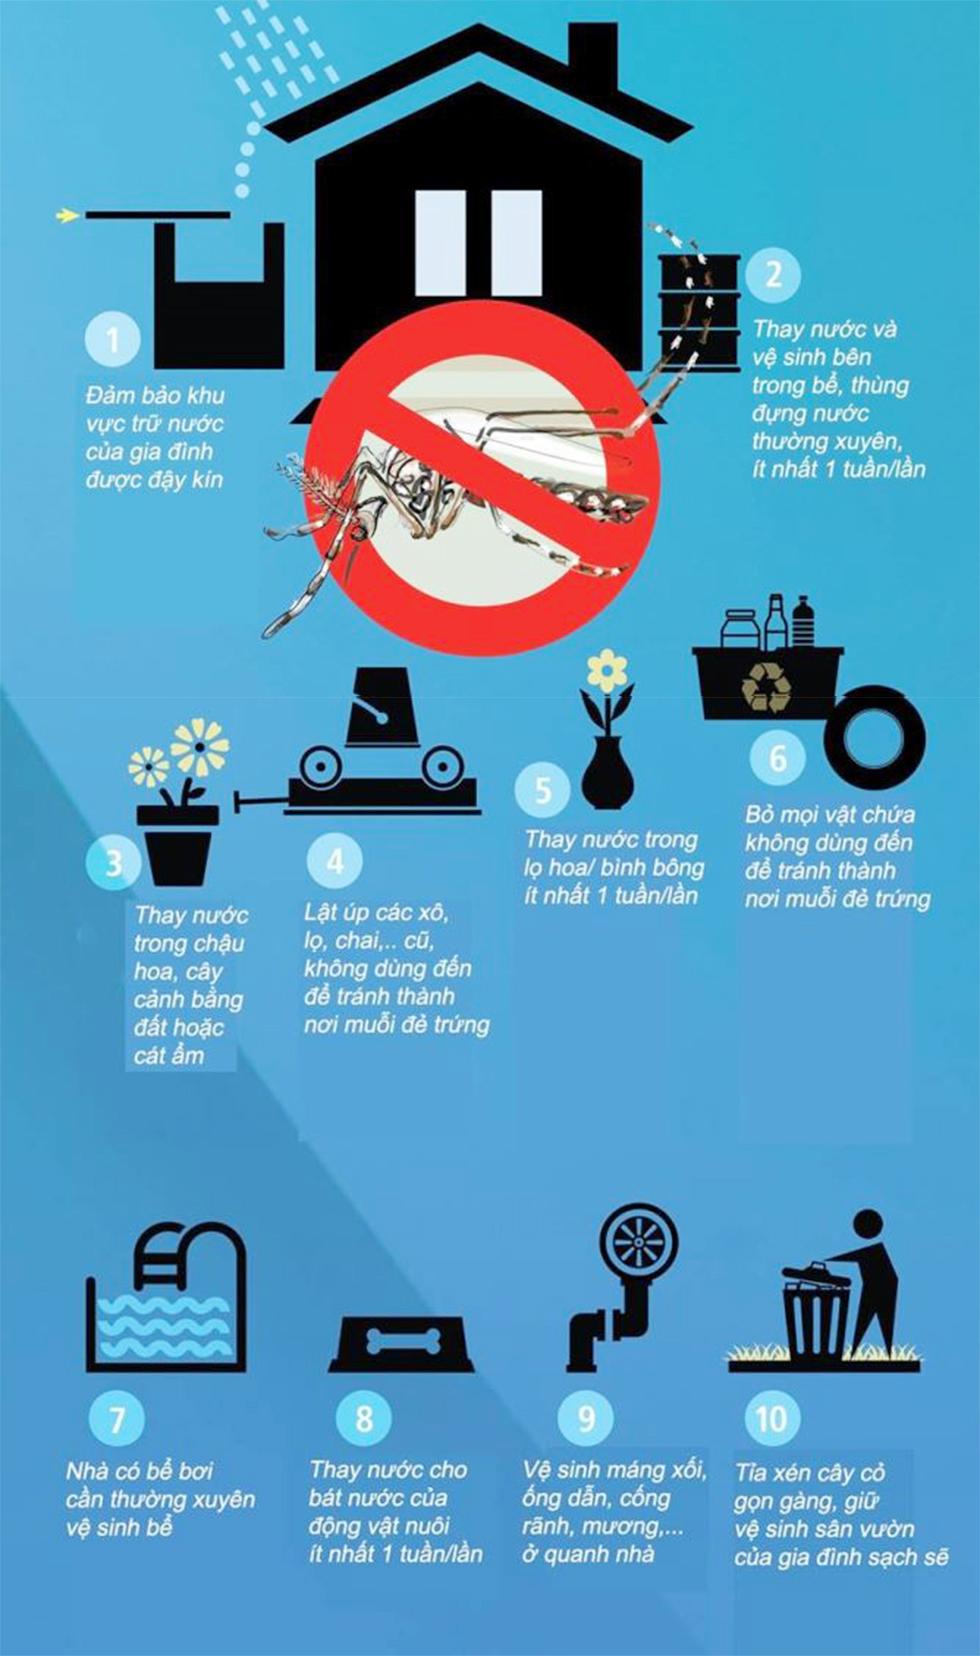 10 việc cần làm để giữ vệ sinh nhà phòng sốt xuất huyết